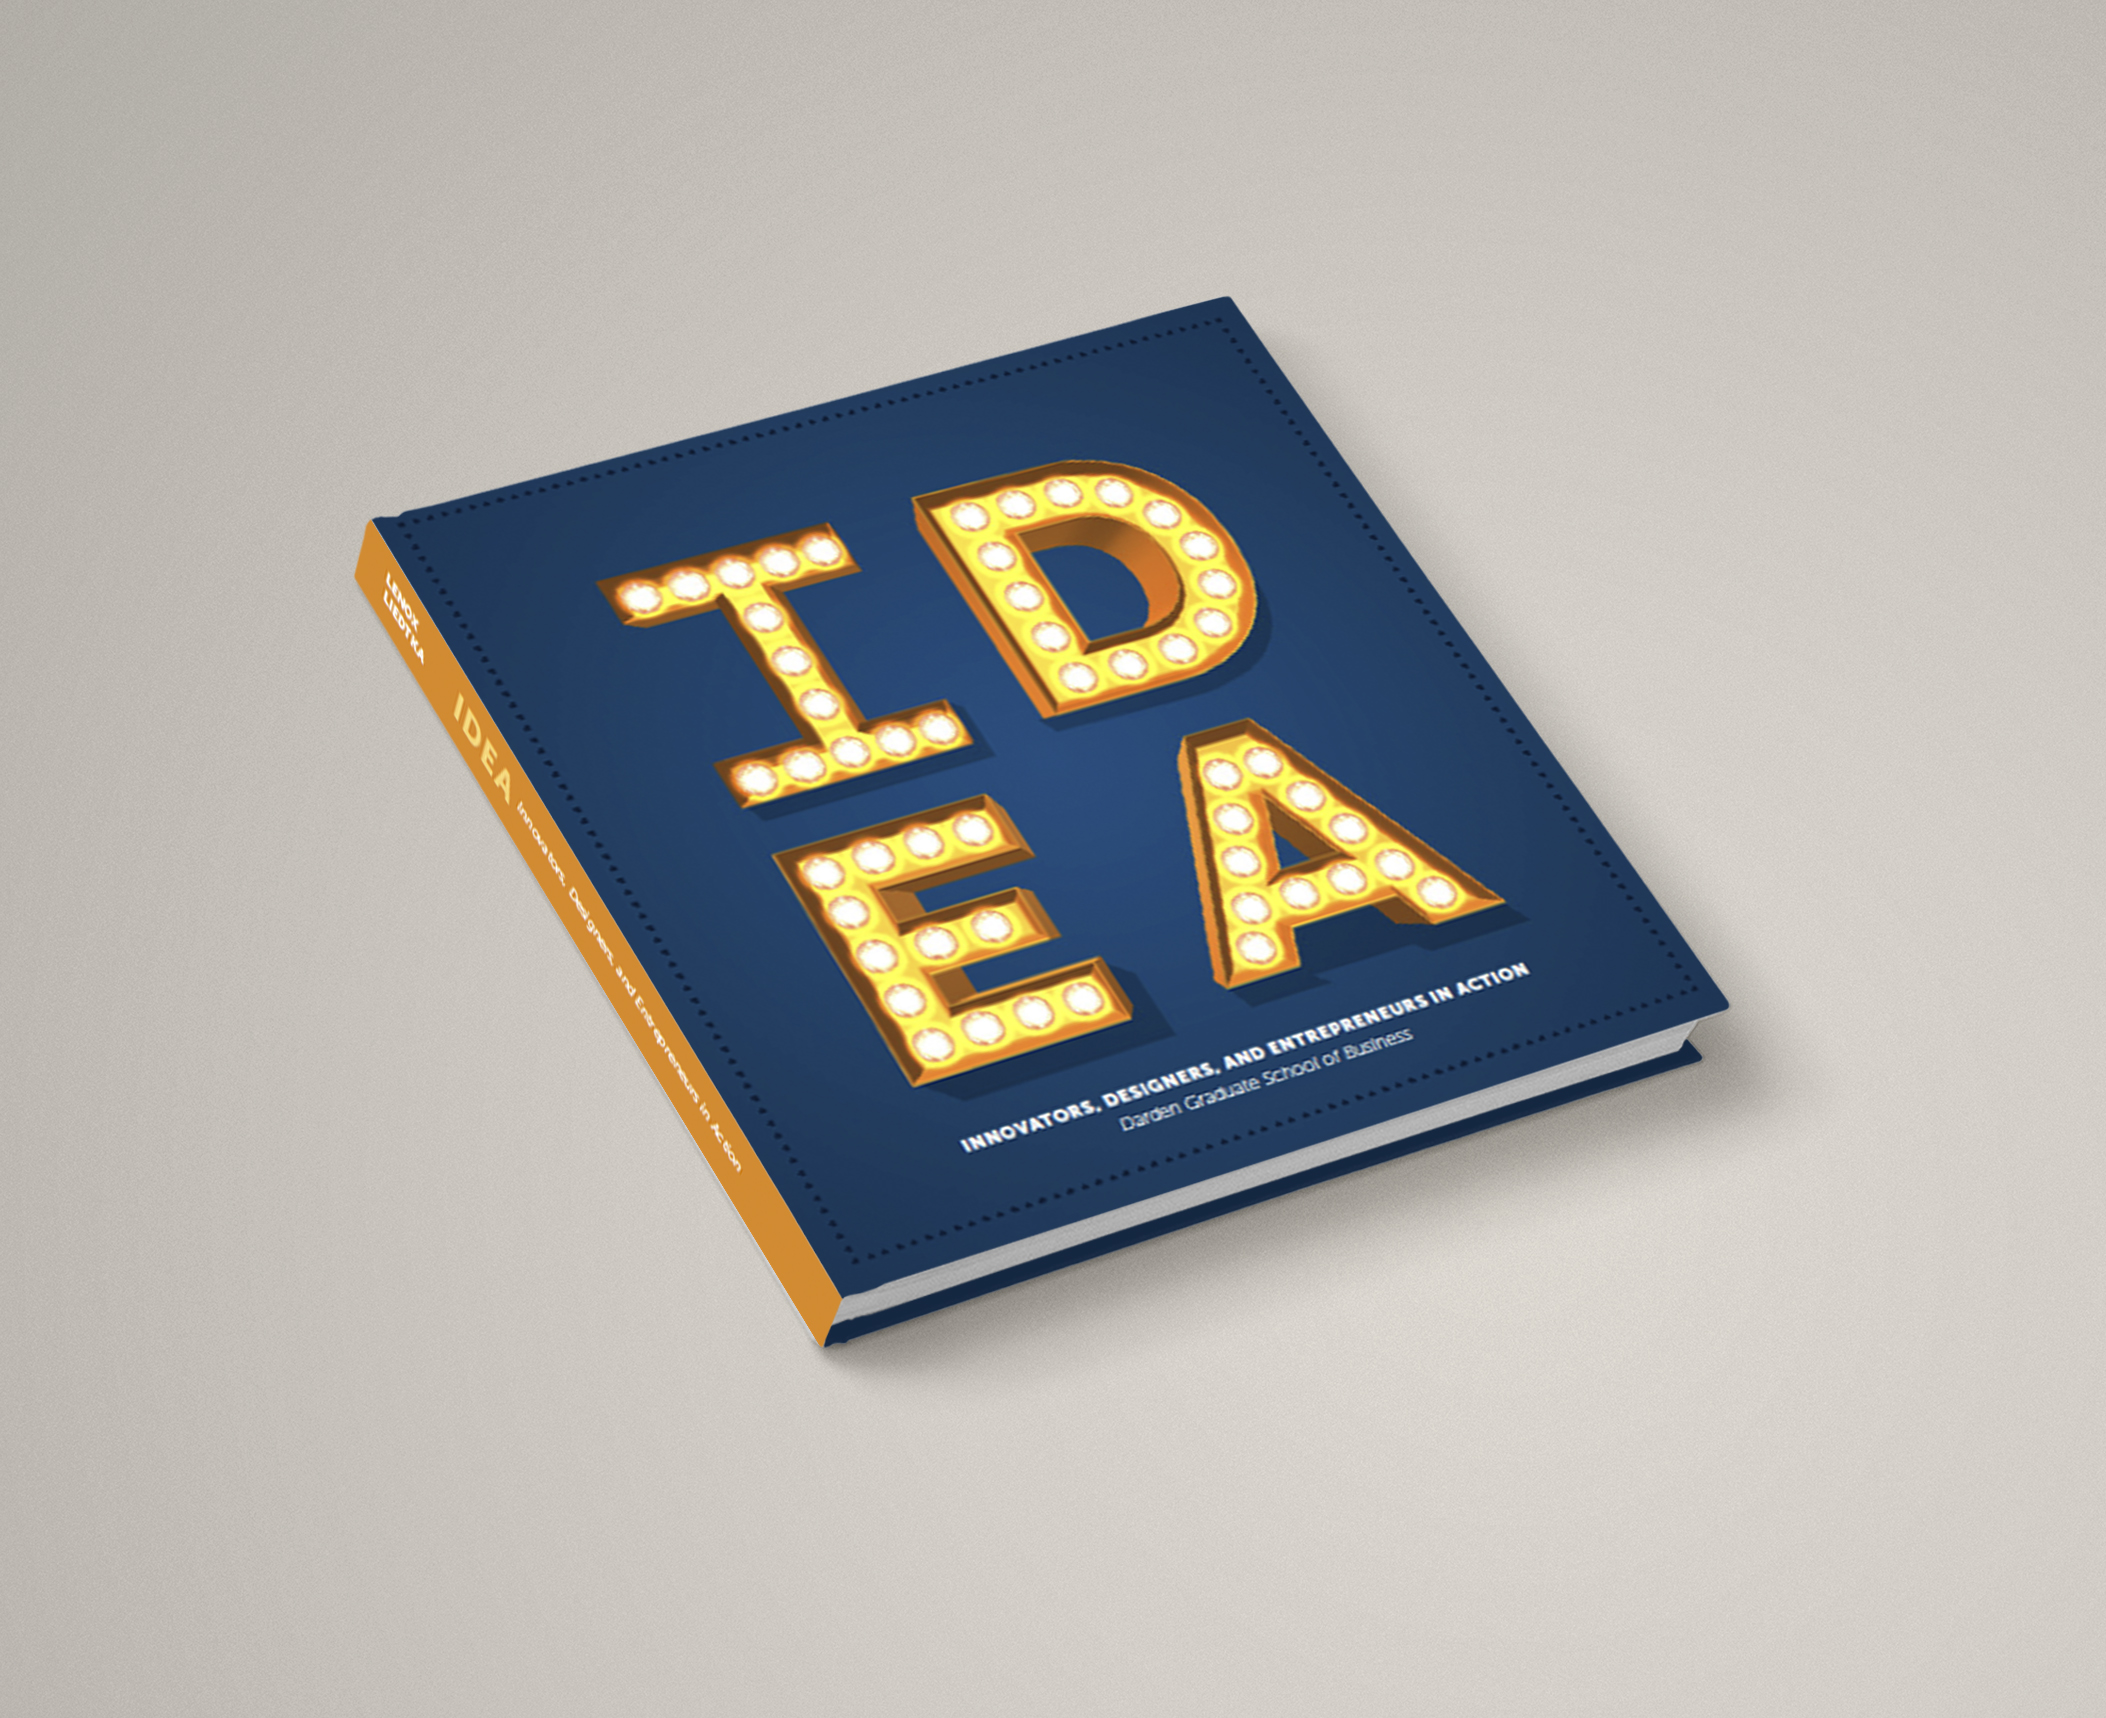 Square Book Mockup-IDEA.jpg